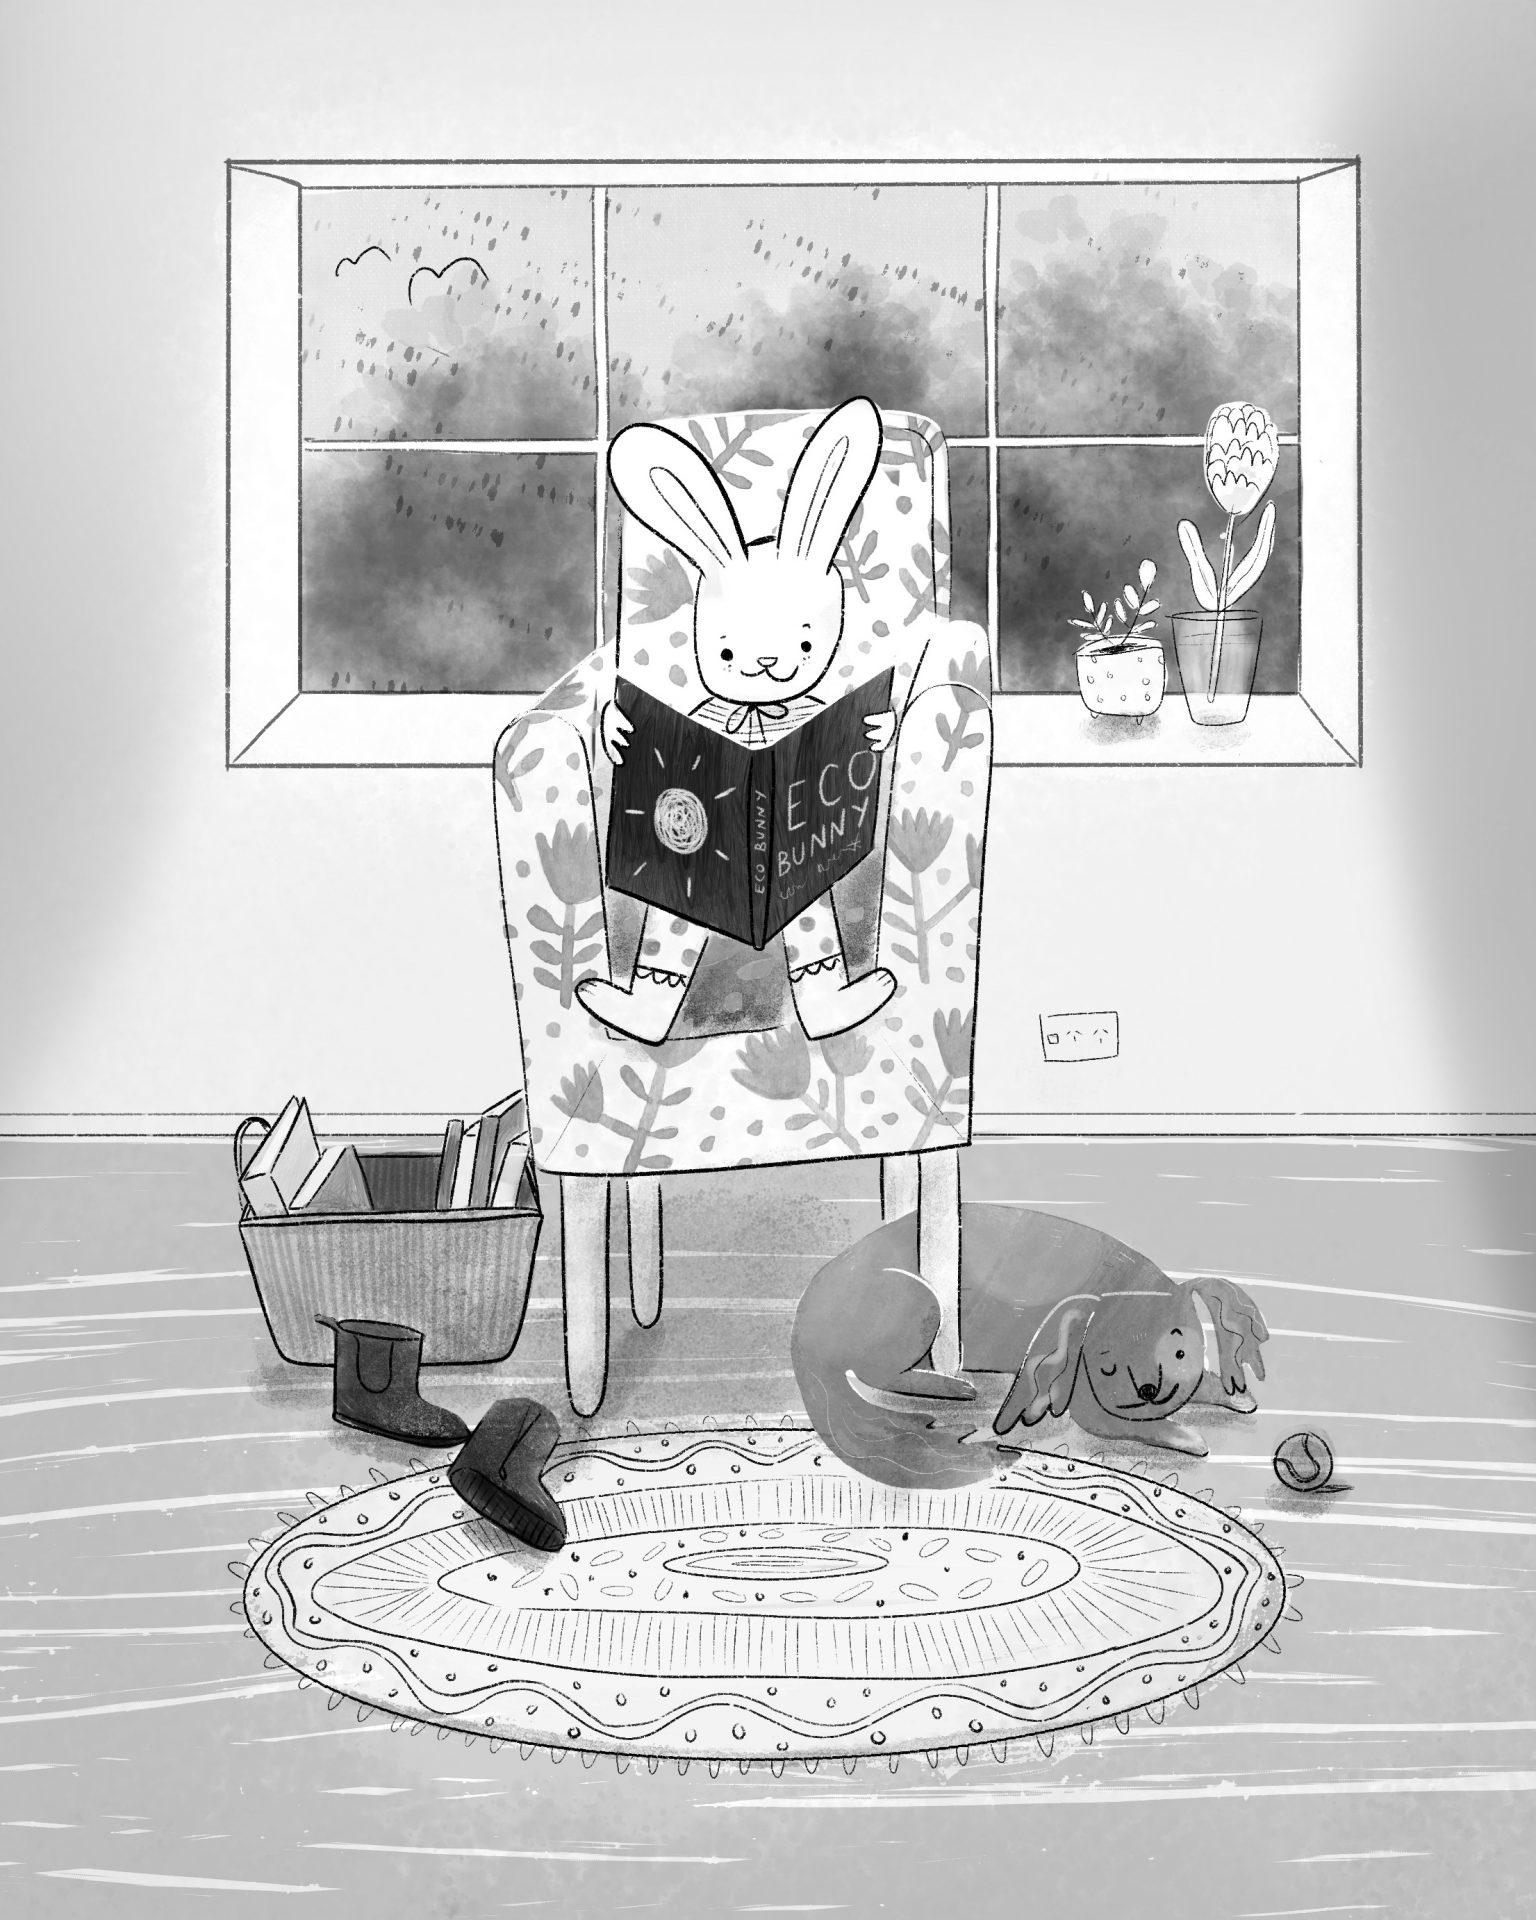 Animals: Eco bunny on a rainy day illustration by Amie Sabadin